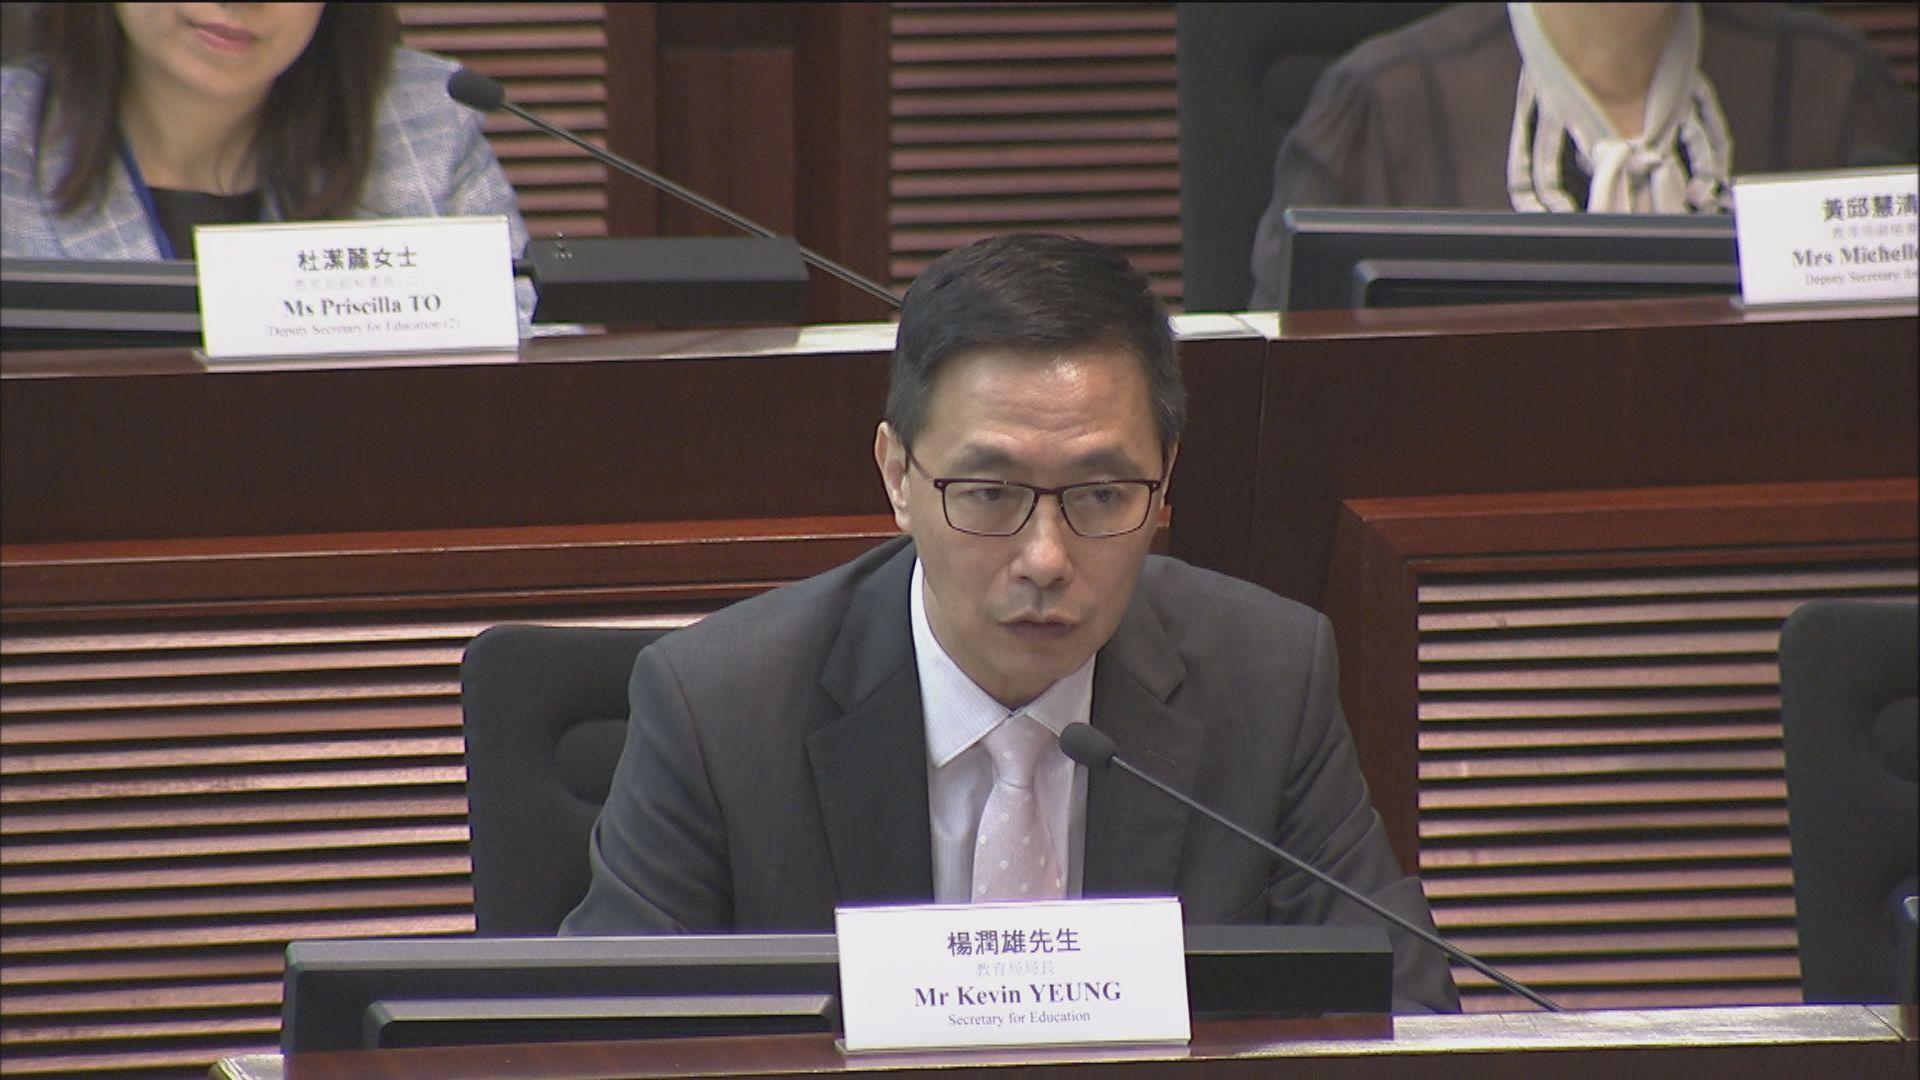 楊潤雄 : 教育局近期無再主動詢問中學戴口罩人數